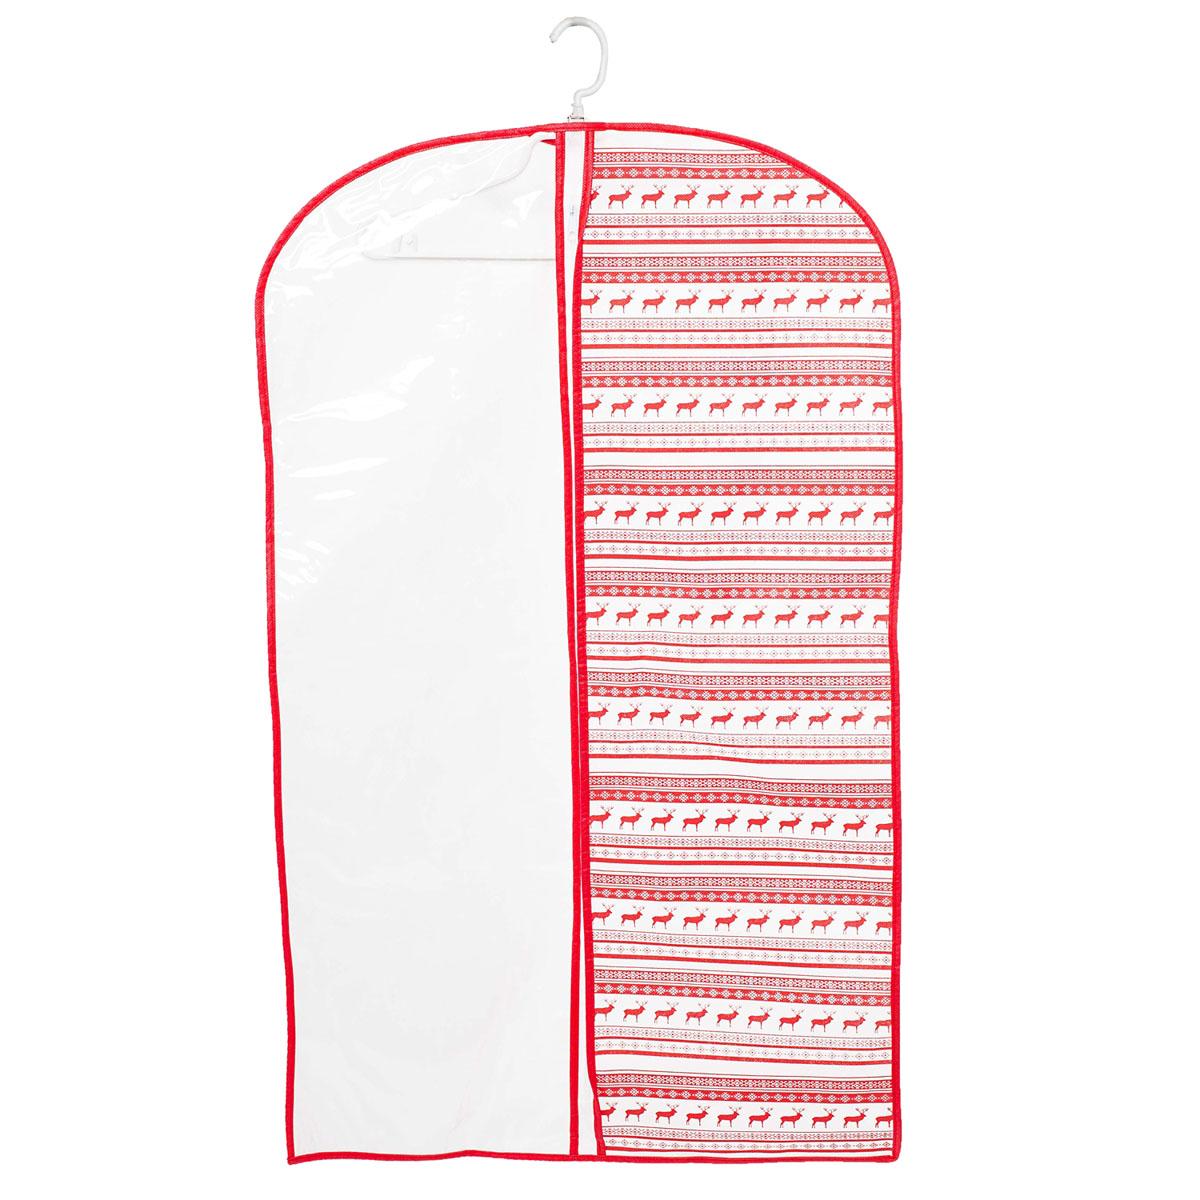 Чехол для одежды Homsu Scandinavia, подвесной, с прозрачной вставкой, 100 х 60 смHOM-203Подвесной чехол для одежды Homsu Scandinavia на застежке-молнии выполнен из высококачественного нетканого материала. Чехол снабжен прозрачной вставкой из ПВХ, что позволяет легко просматривать содержимое. Изделие подходит для длительного хранения вещей. Чехол обеспечит вашей одежде надежную защиту от влажности, повреждений и грязи при транспортировке, от запыления при хранении и проникновения моли. Чехол позволяет воздуху свободно поступать внутрь вещей, обеспечивая их кондиционирование. Это особенно важно при хранении кожаных и меховых изделий. Чехол для одежды Homsu Scandinavia создаст уютную атмосферу в гардеробе. Лаконичный дизайн придется по вкусу ценительницам эстетичного хранения и сделают вашу гардеробную изысканной и невероятно стильной. Размер чехла: 100 х 60 см.